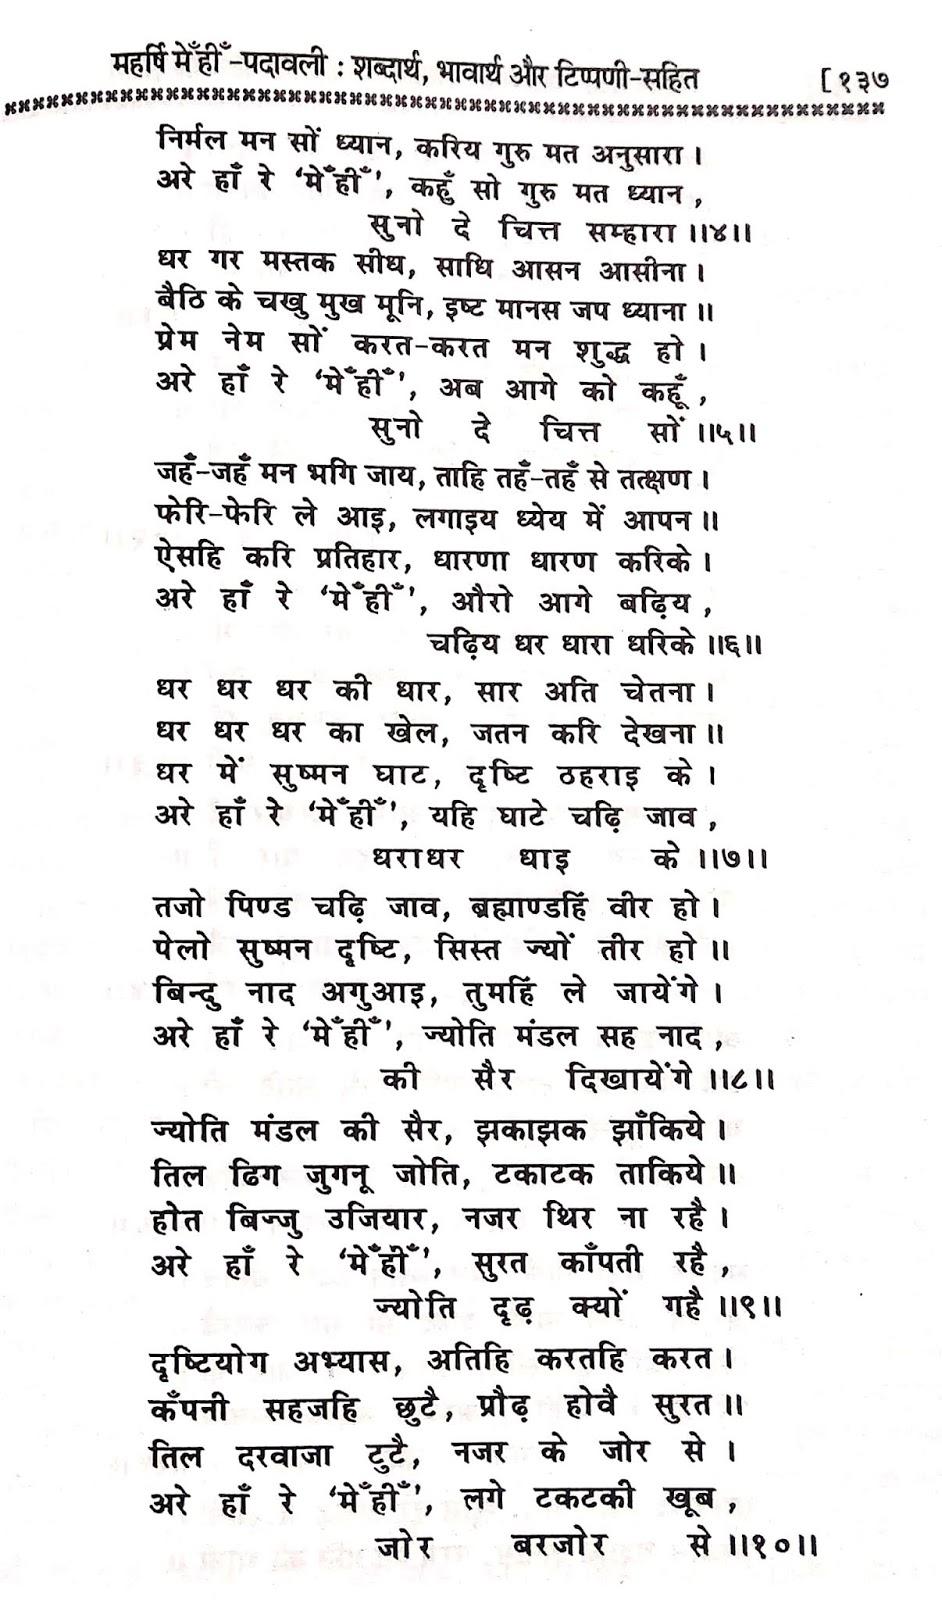 """P44, (क) The essence of saintmat meditation   """"संतमते एक ही बात।..."""" महर्षि मेंहीं पदावली (अरिल) अर्थ सहित/सत्संग ध्यान। पदावली भजन 44, संतमत मेडिटेशन।"""